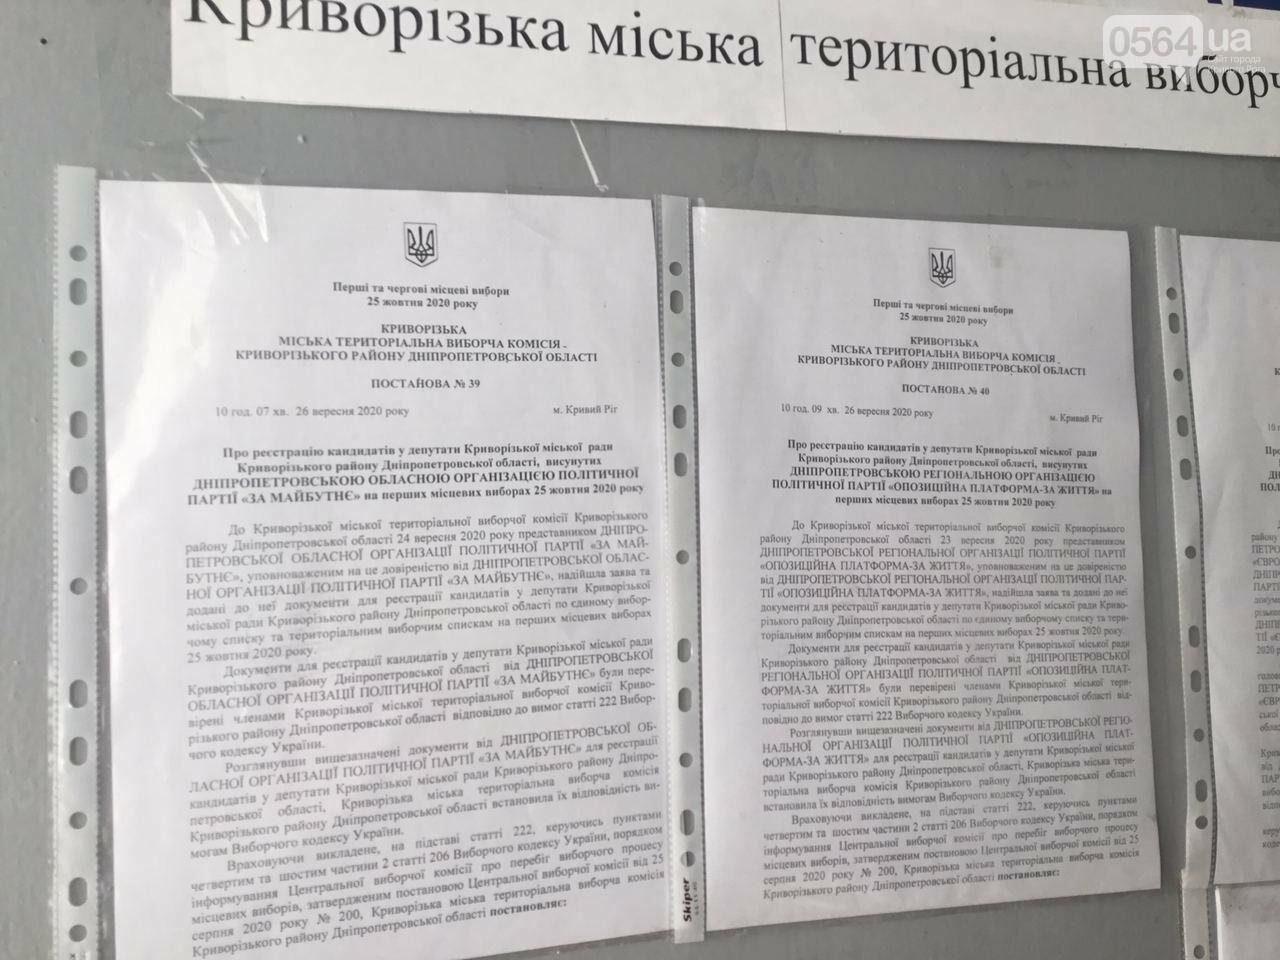 9 кандидатов в мэры и 7 партийных списков, - кого в Кривом Роге зарегистрировали кандидатами в градоначальники, - ФОТО, ВИДЕО, фото-12